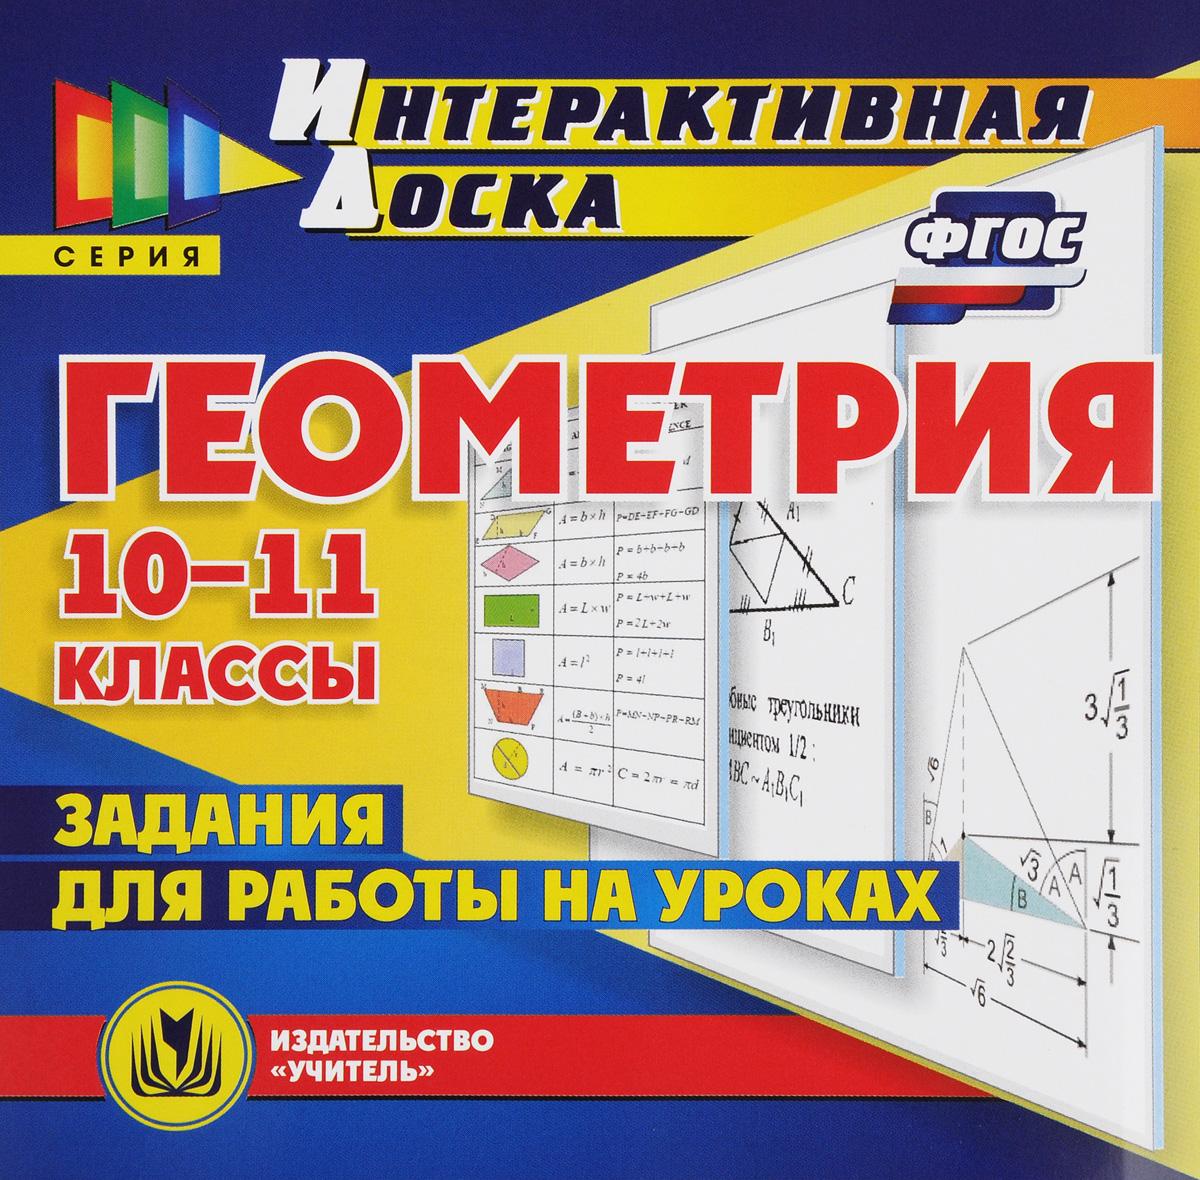 Геометрия. 10-11 классы. Задания для работы на уроках